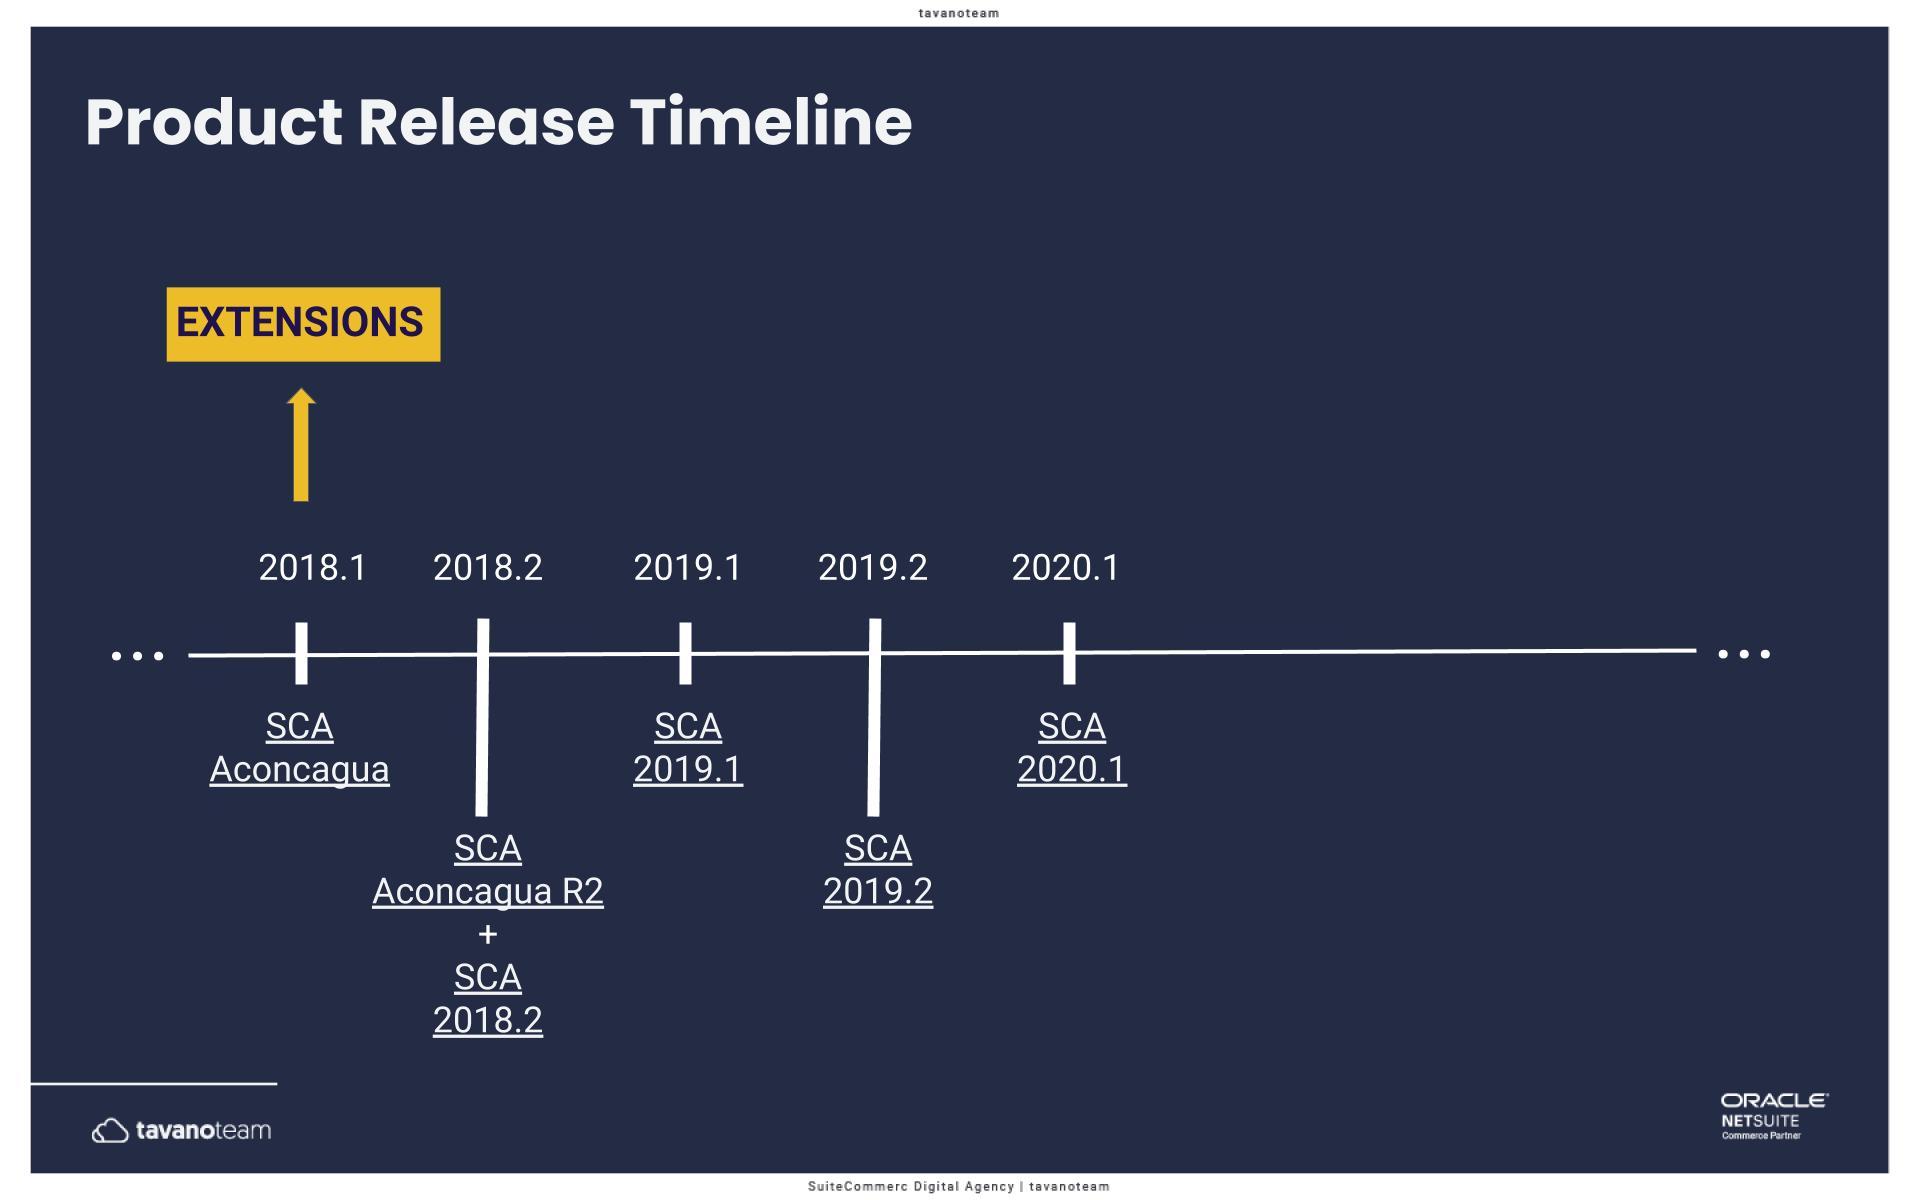 suitecommerce-vs-suitecommerce-advanced-netsuite-timeline2